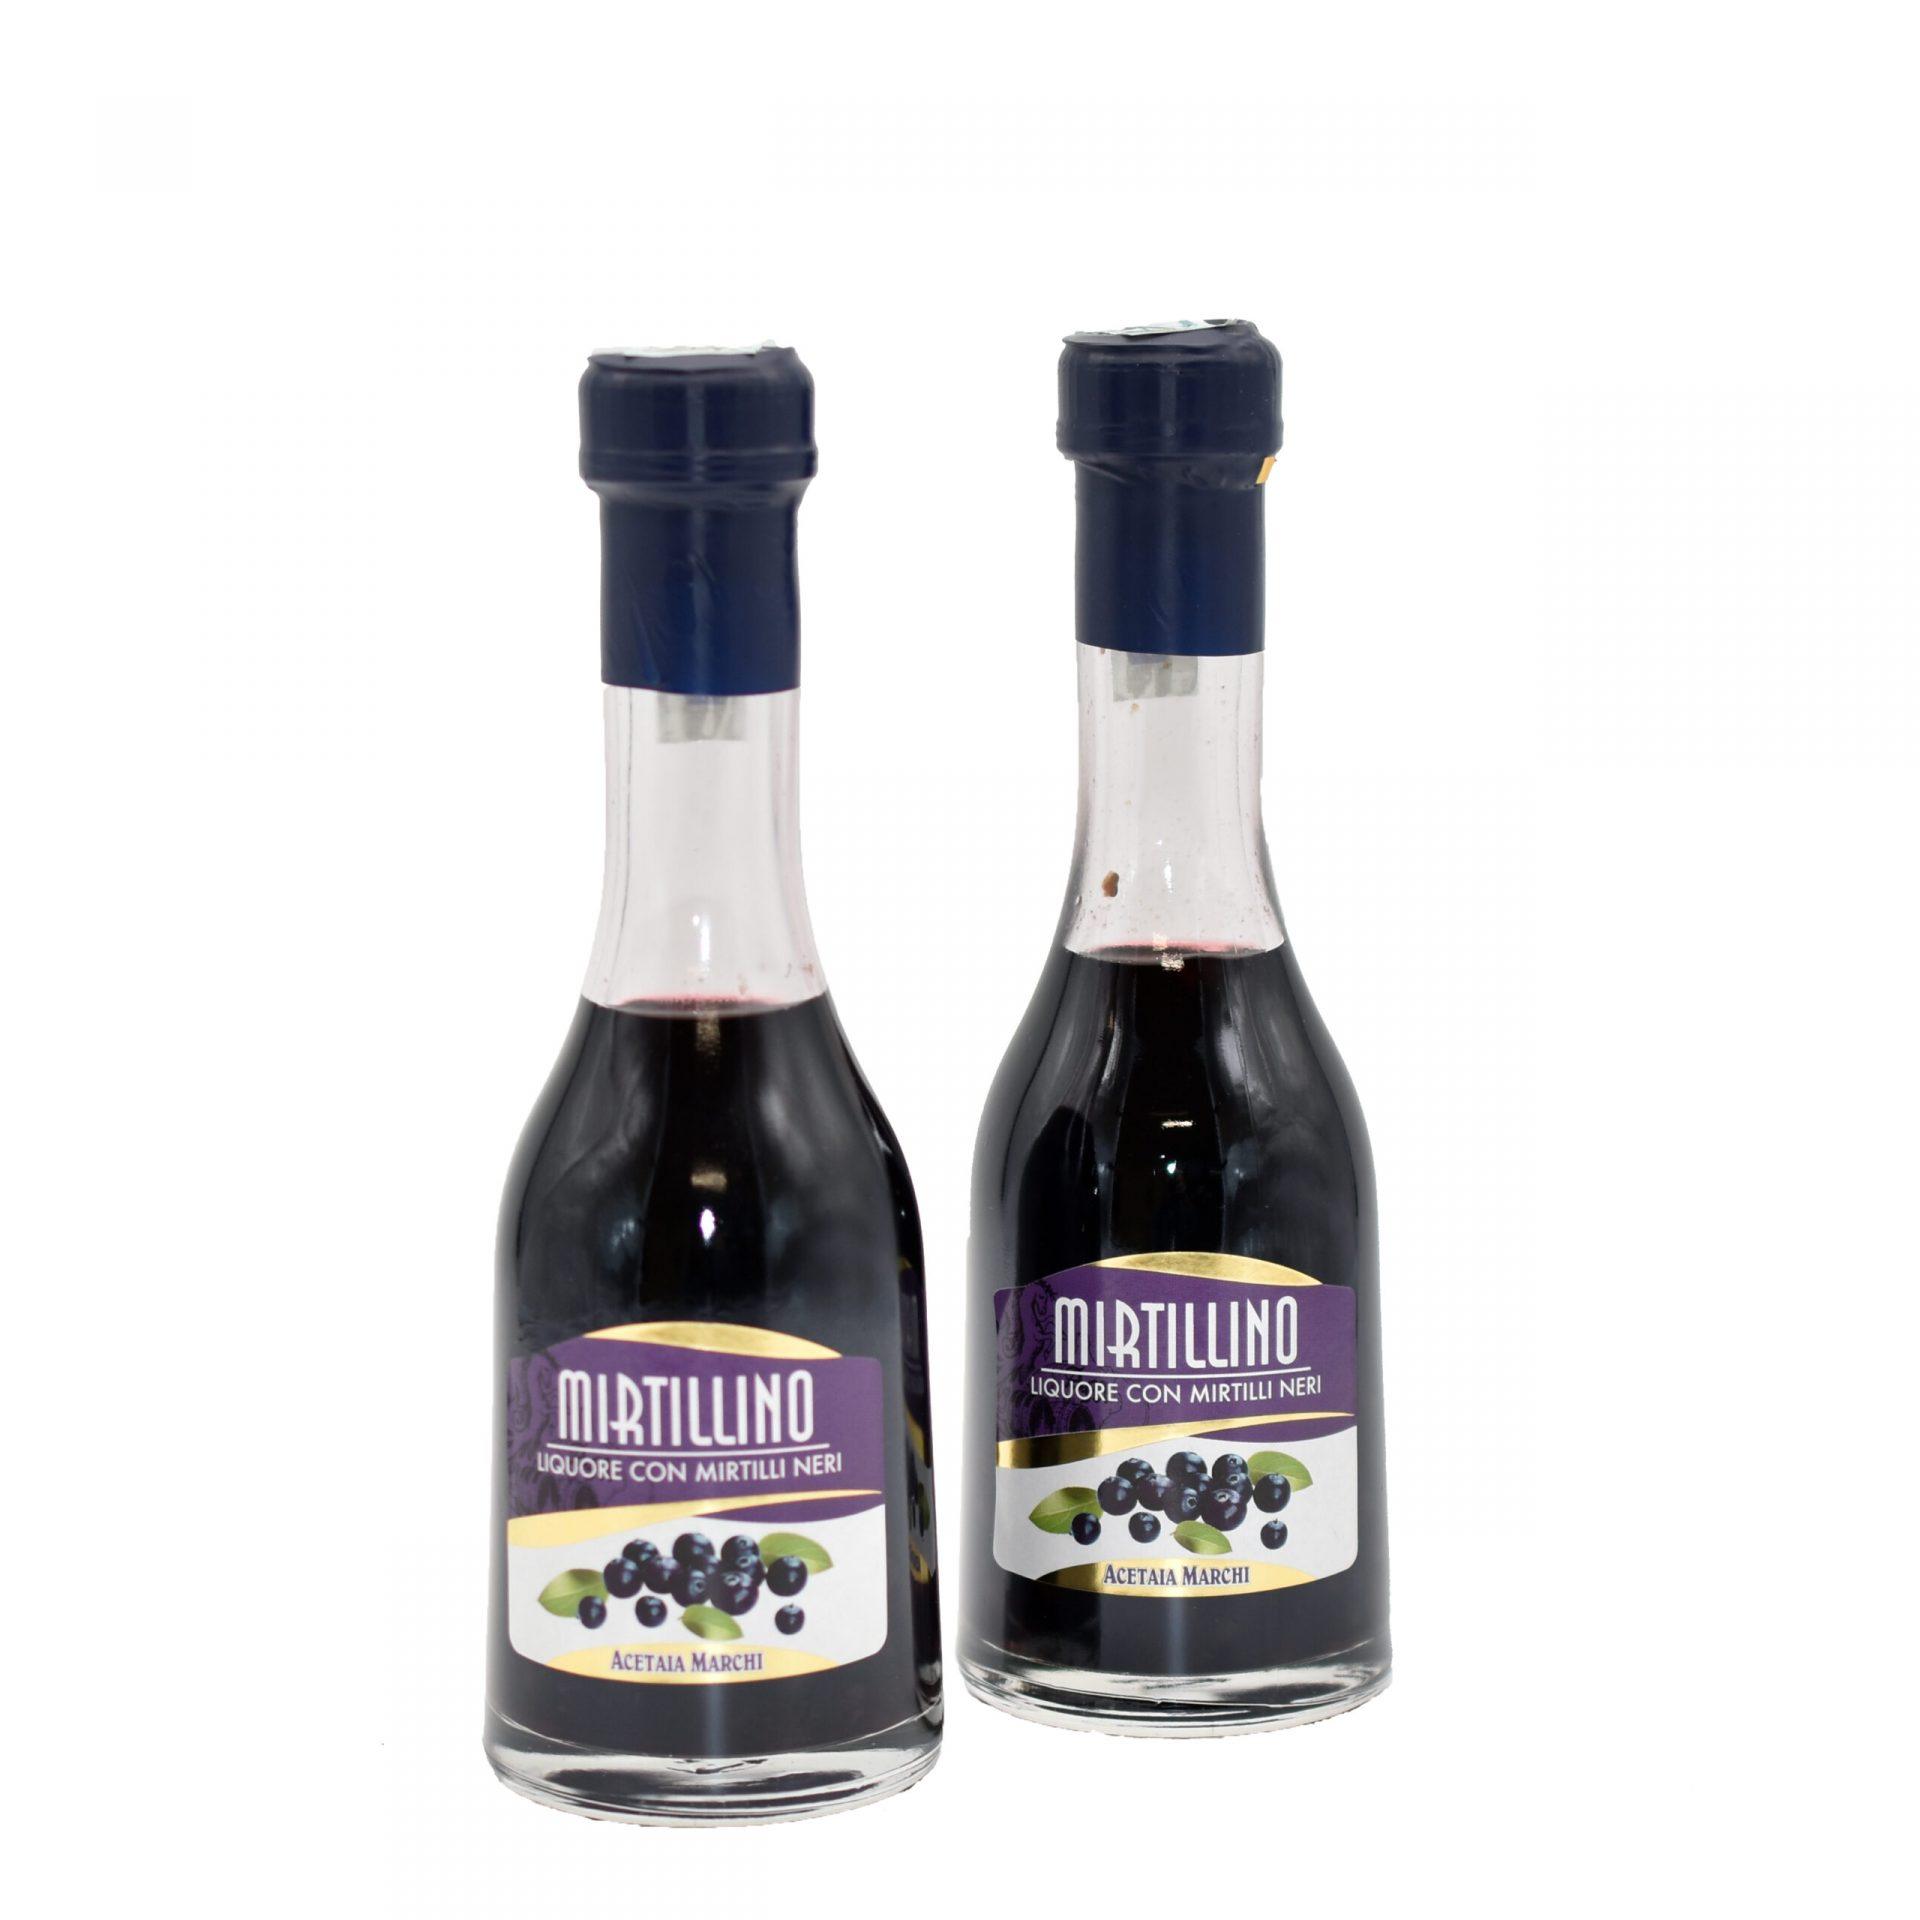 acetaia-marchi-liquore-mirtillino-infuso-di-mirtilli-neri-di-bosco